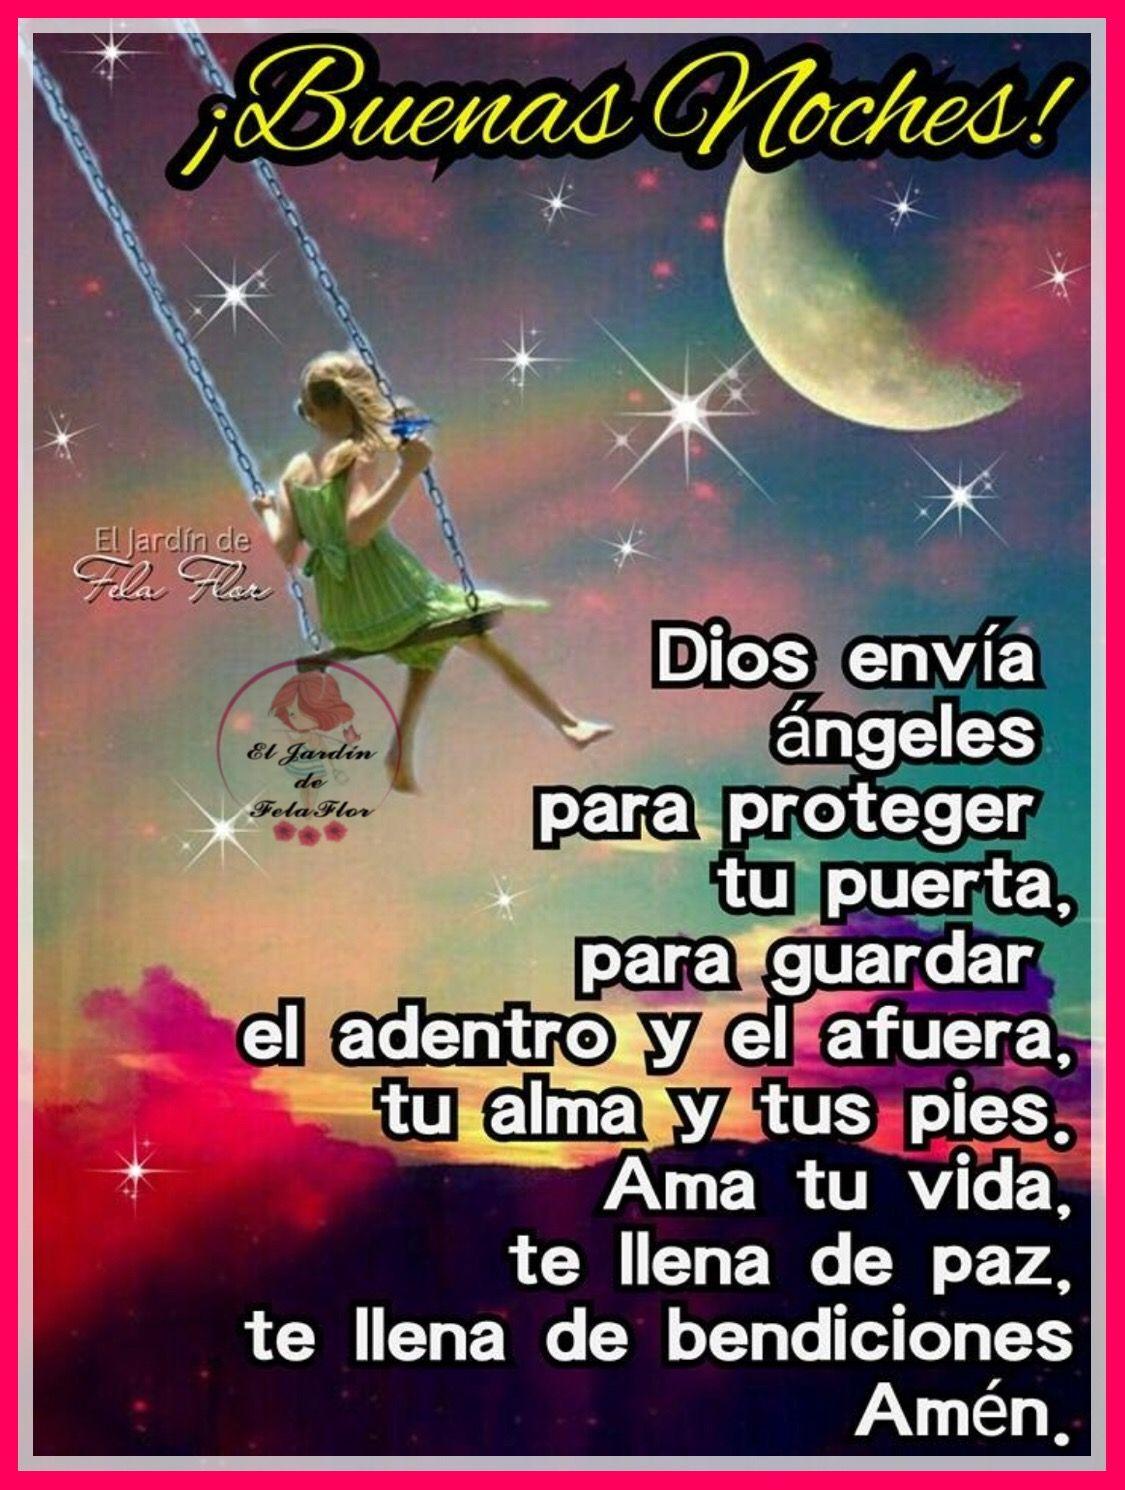 Mensaje De Noche Con Imagenes Buenas Noches Cristiana